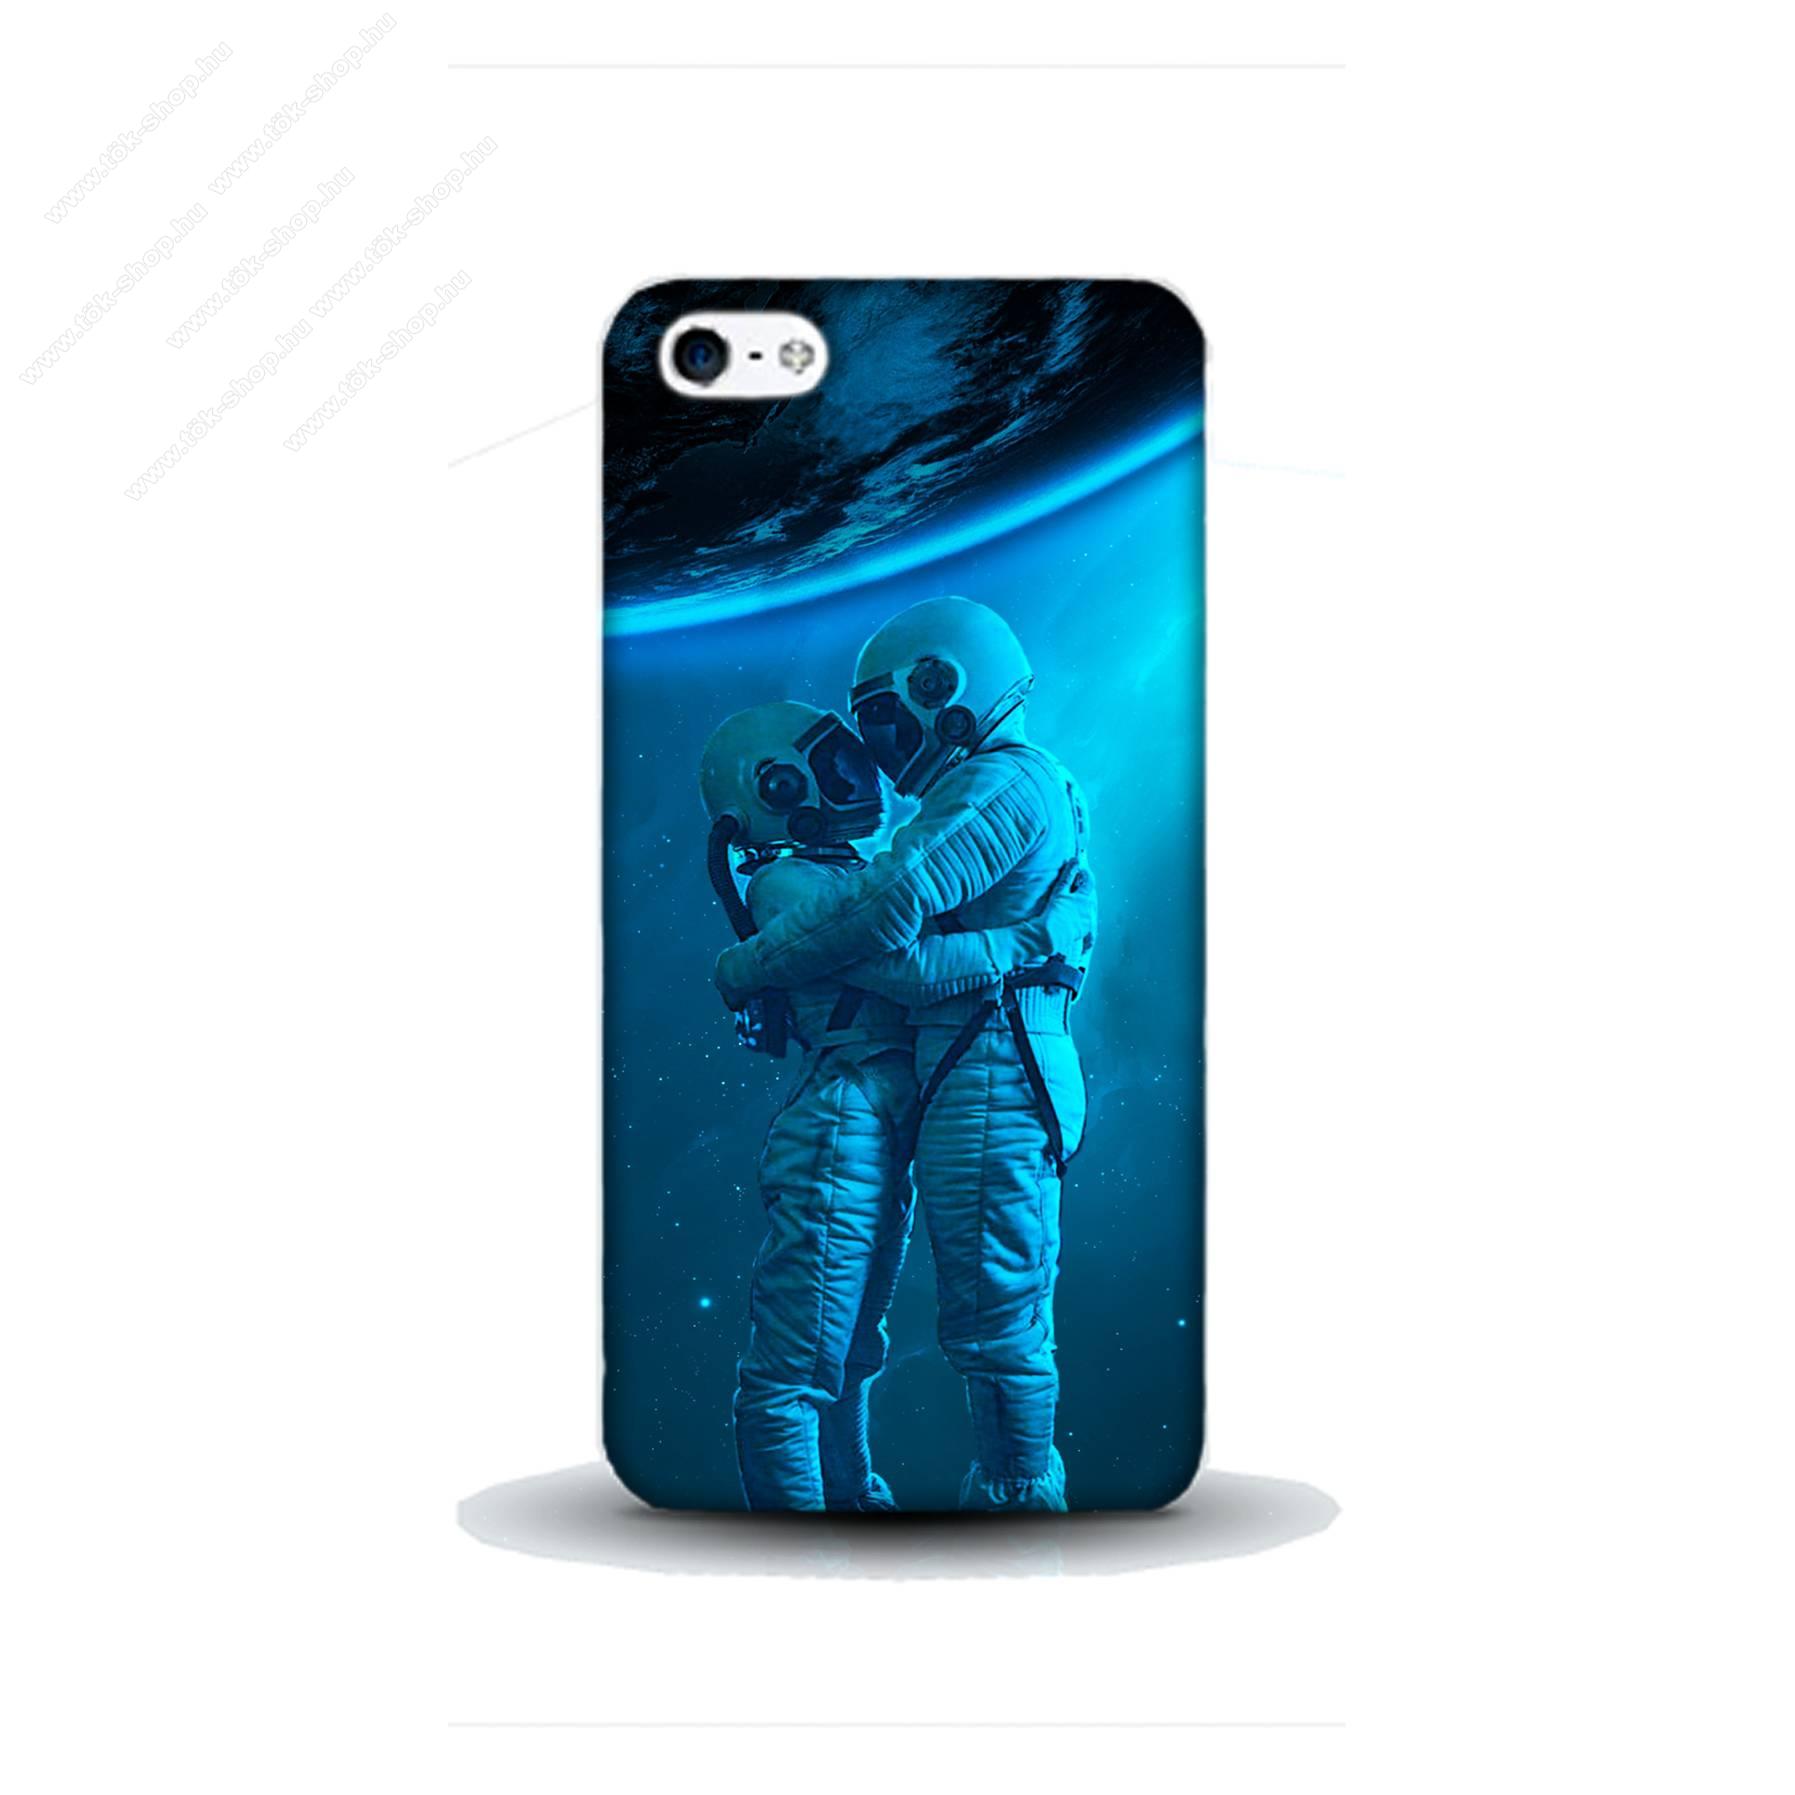 E-pic szilikon védő tok / hátlap - Szerelmes űrhajós pár mintás - APPLE IPhone 5S